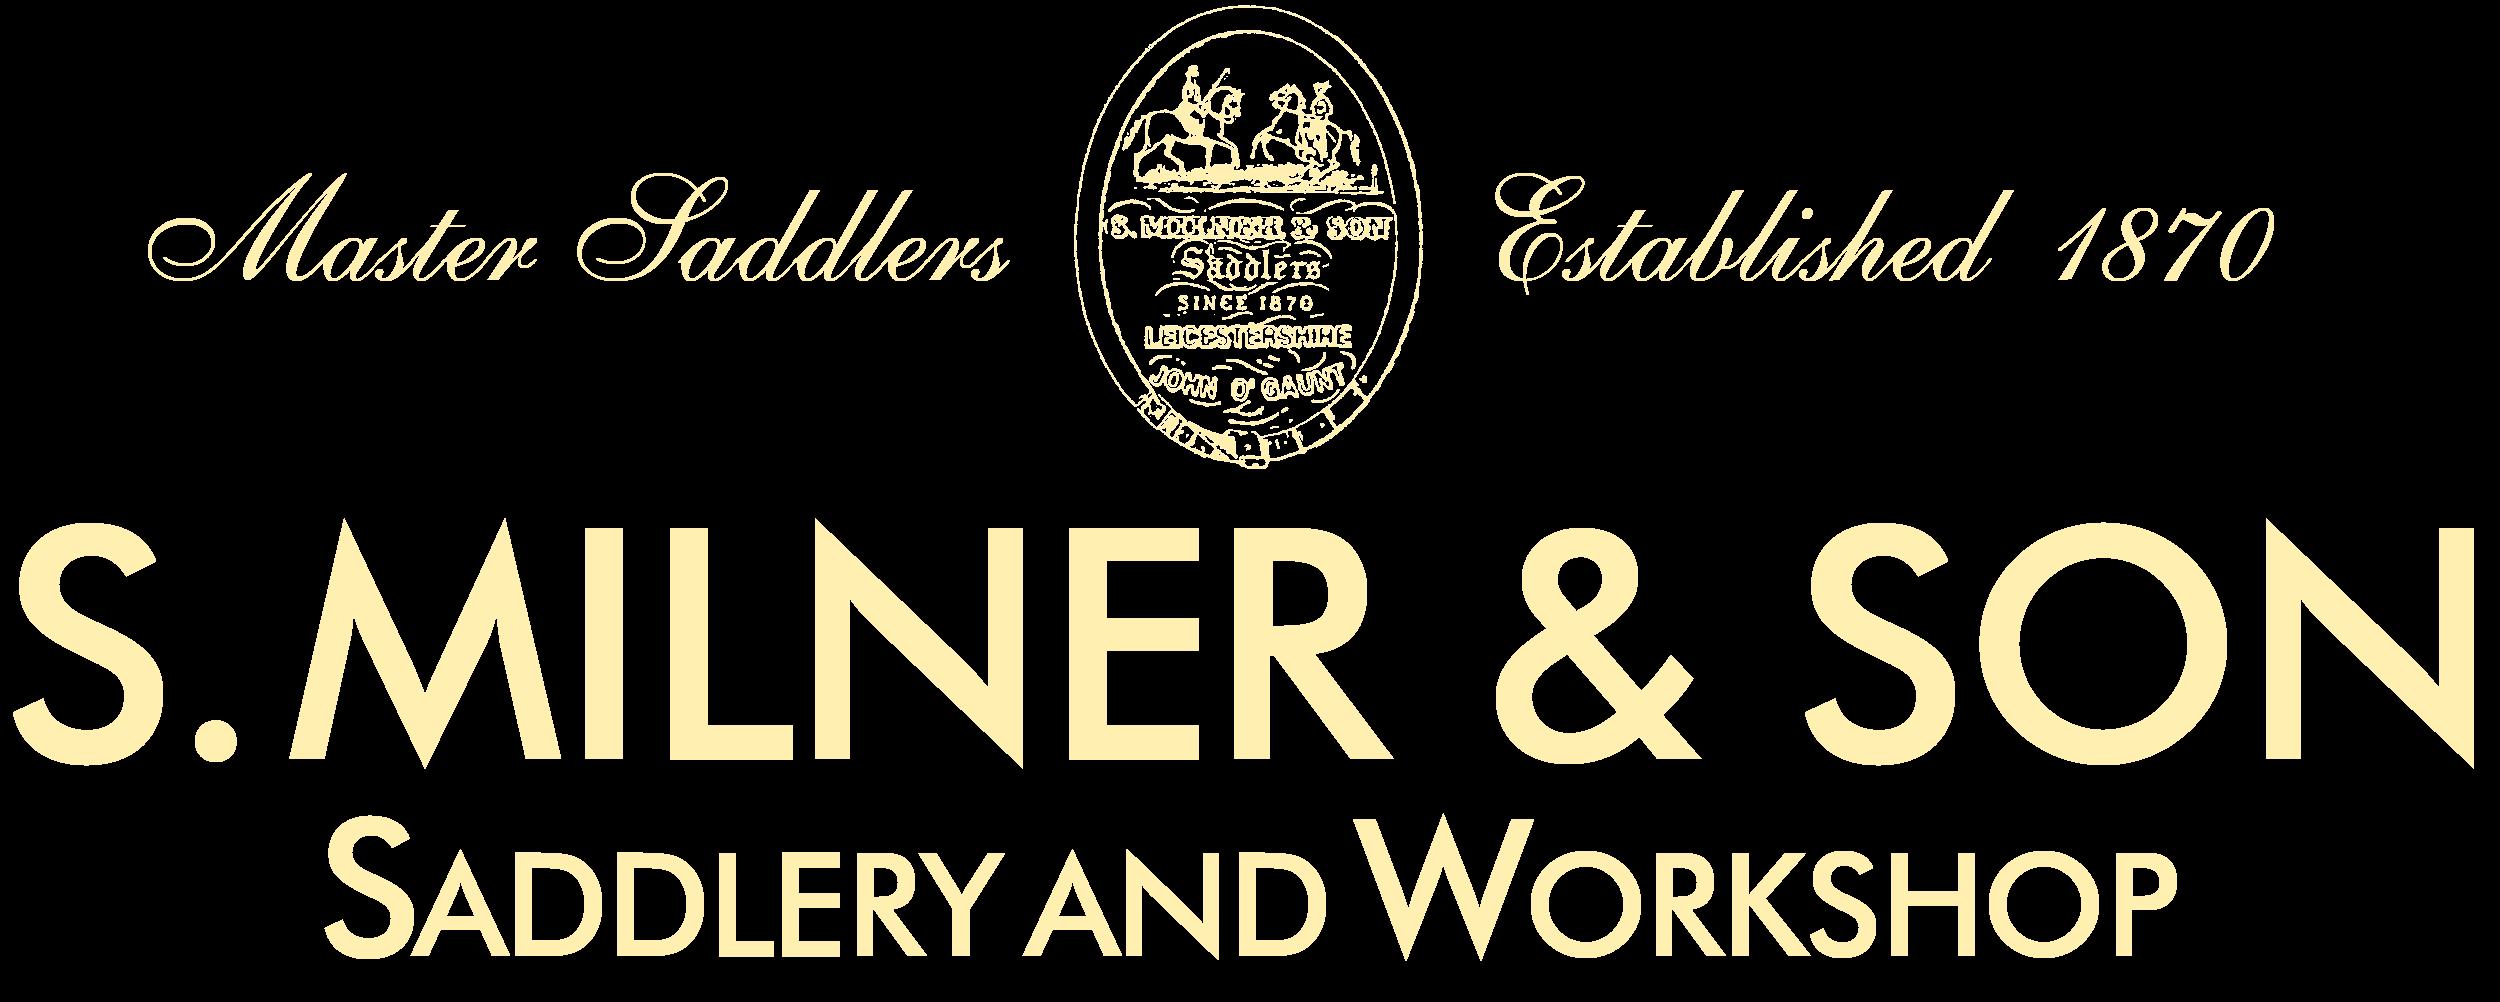 S. Milner & Son Saddlers Logo